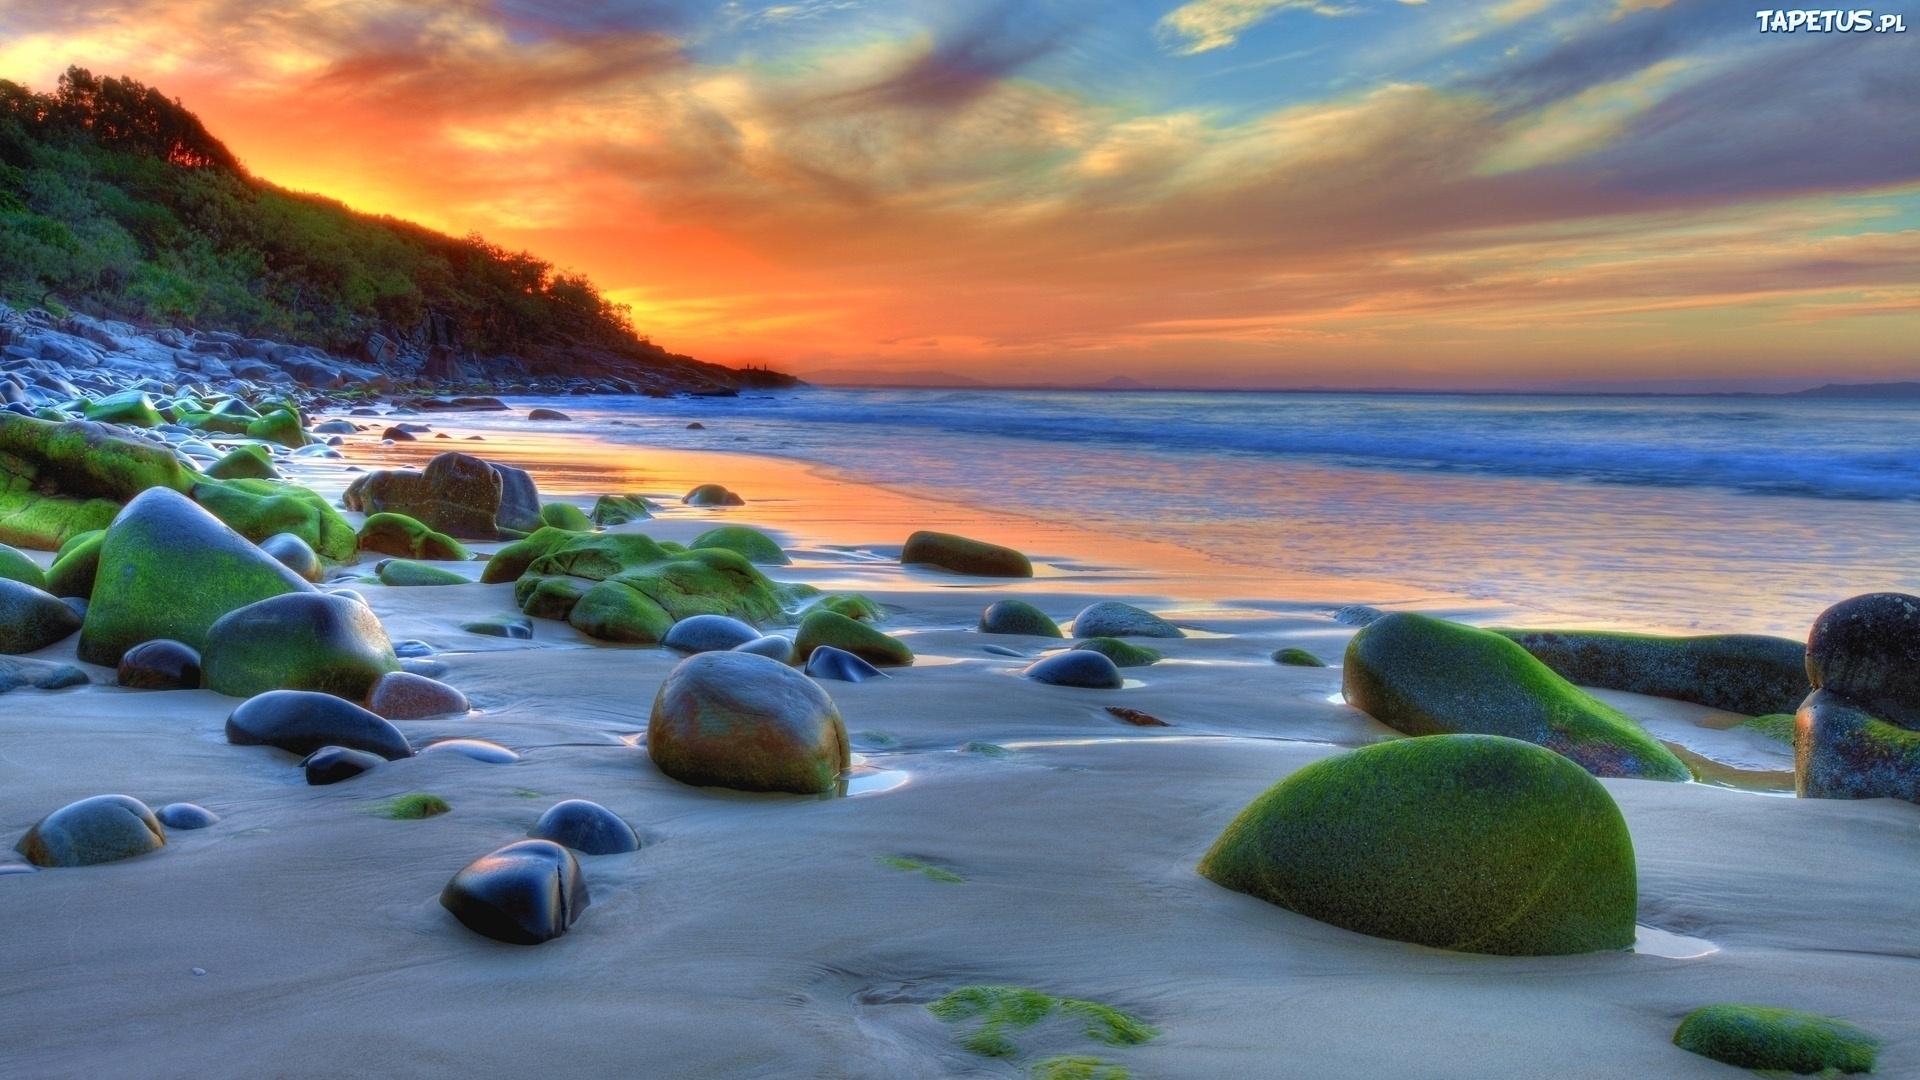 природа камни песок вода море побережье бесплатно